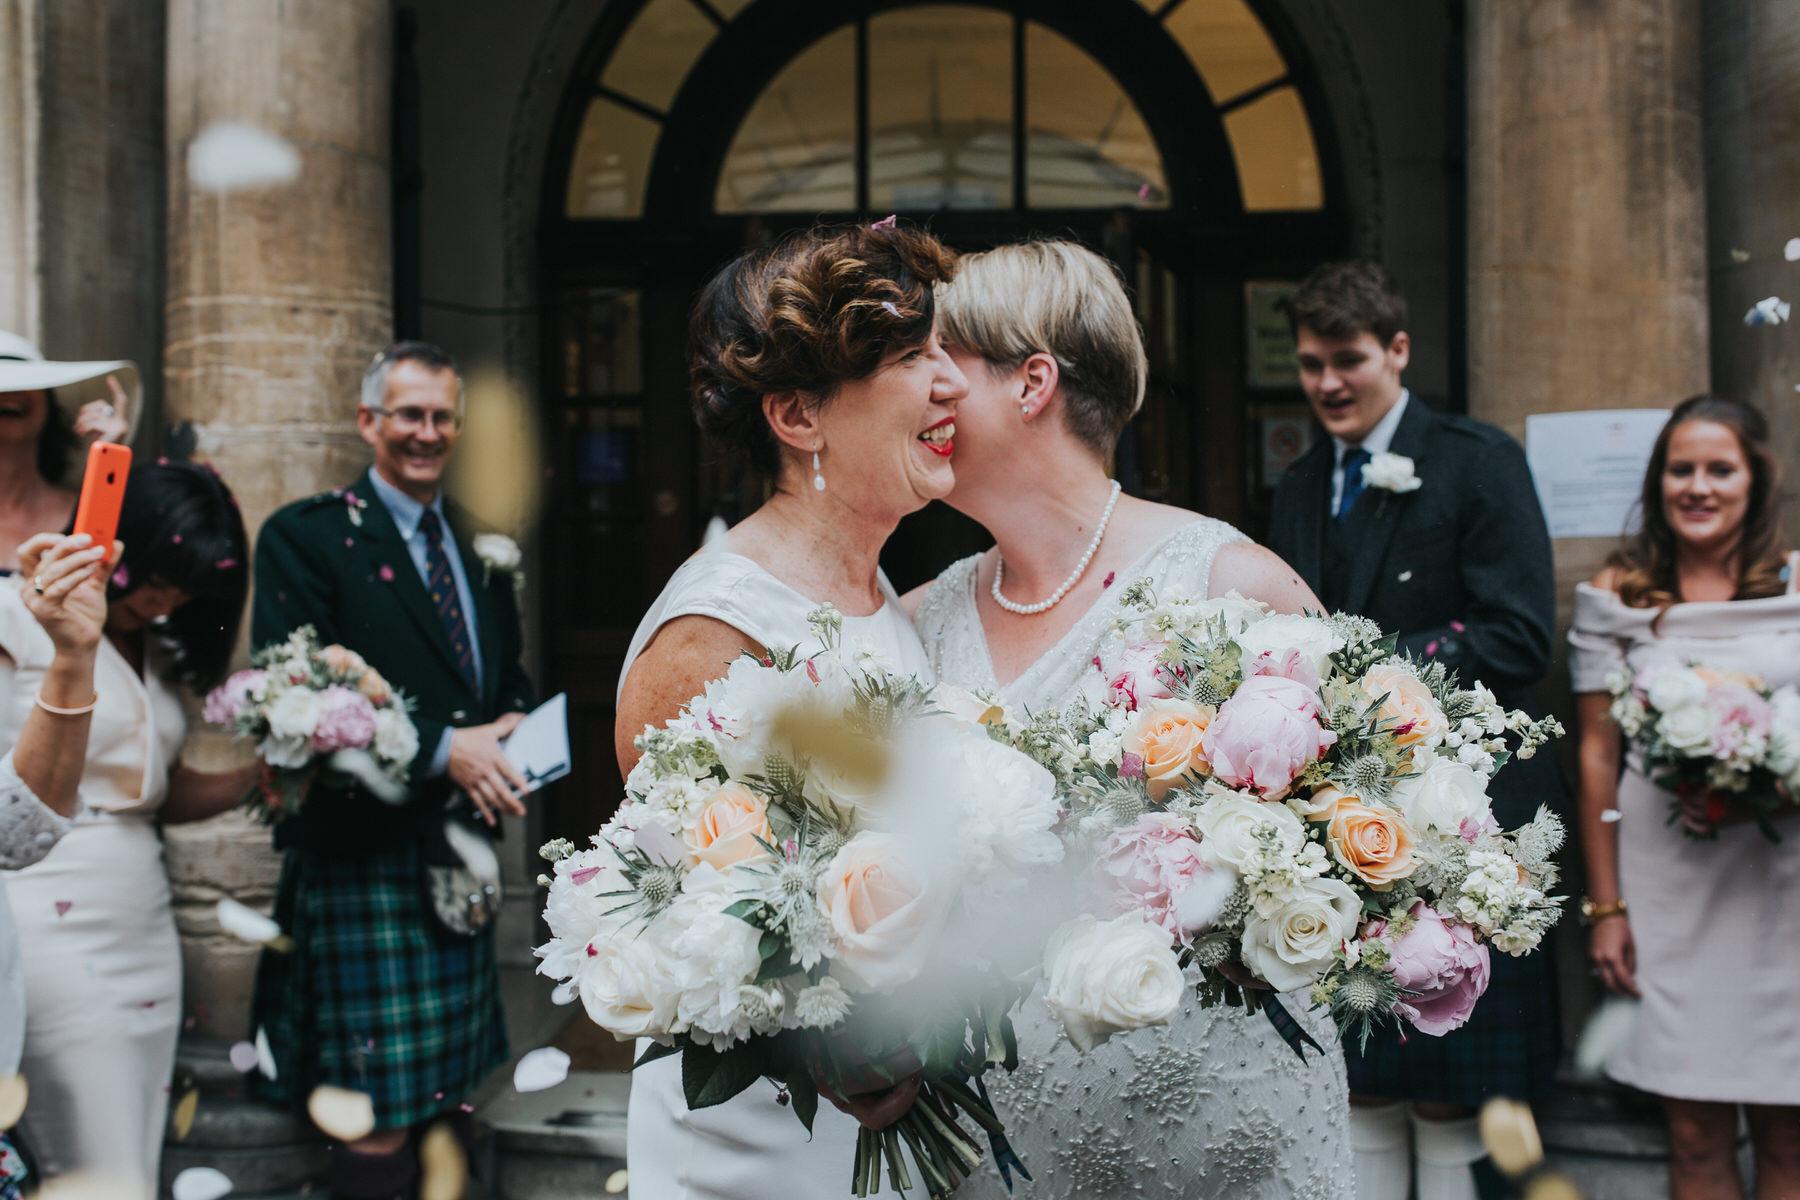 132-Finsbury Town Hall wedding two brides confetti.jpg